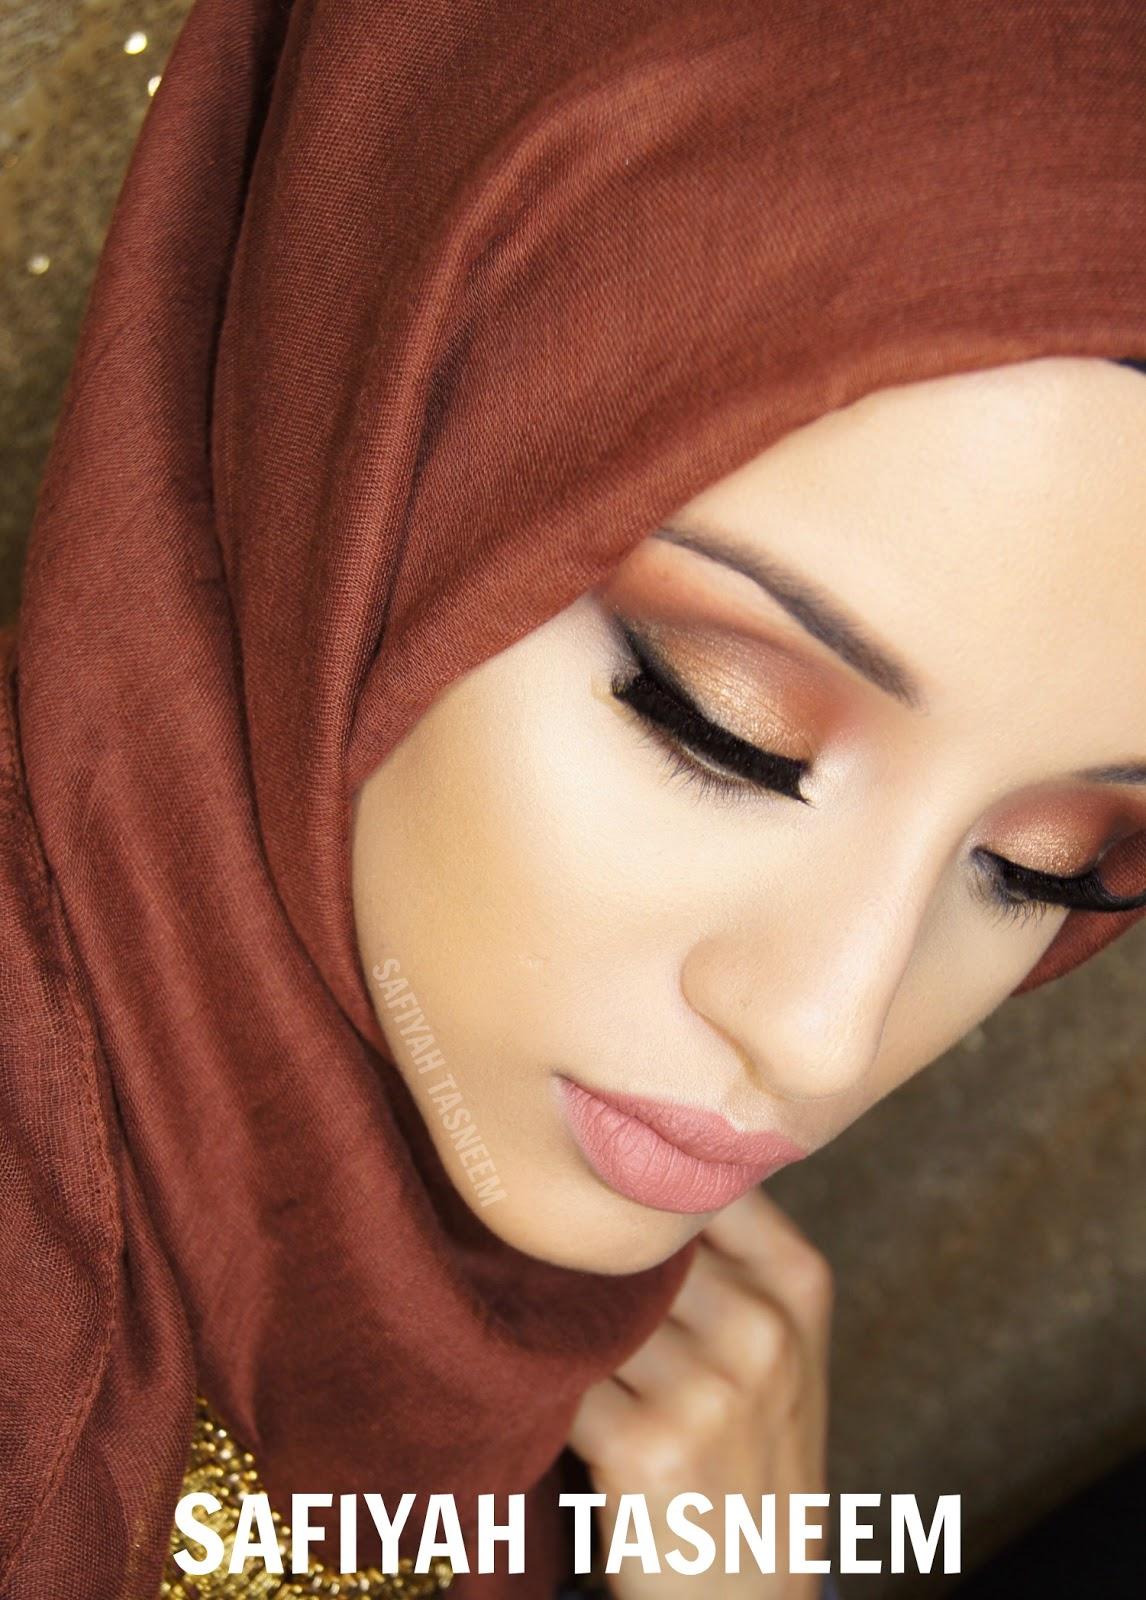 Safiyah Tasneem  Ff Naked Palette Brown-Gold Make Up Look-9294